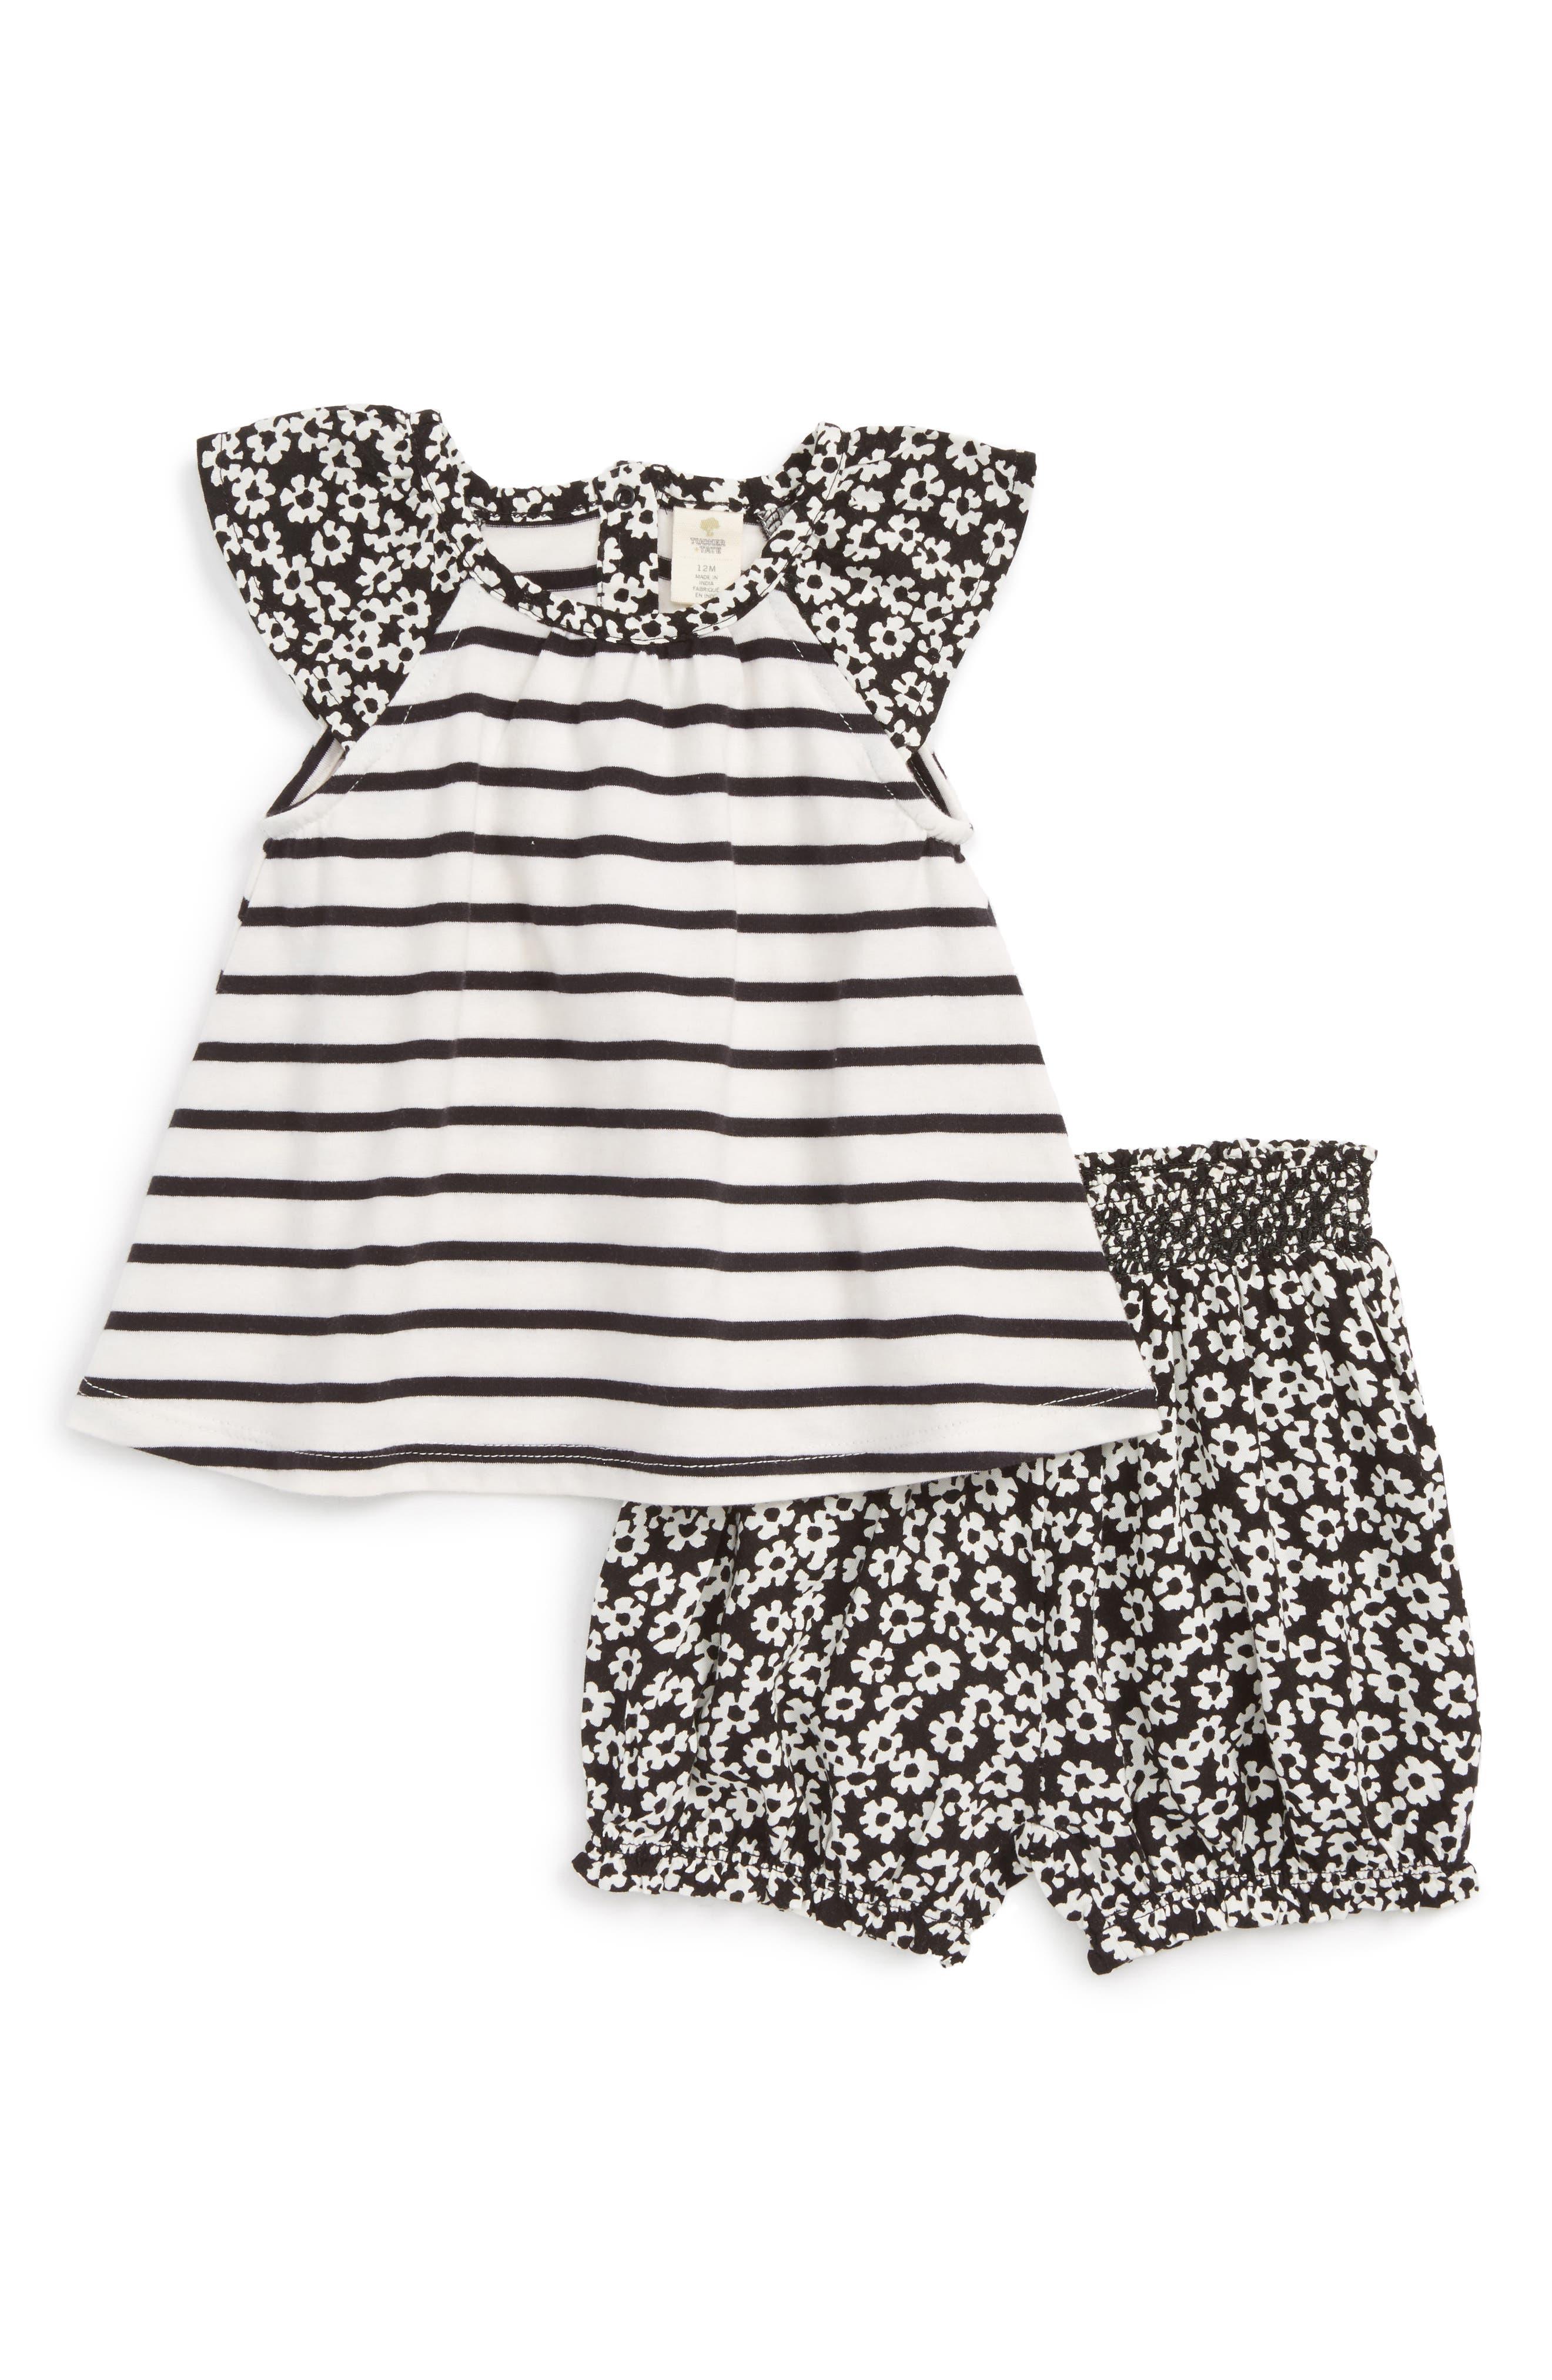 Main Image - Tucker + Tate Tee & Shorts Set (Baby Girls)